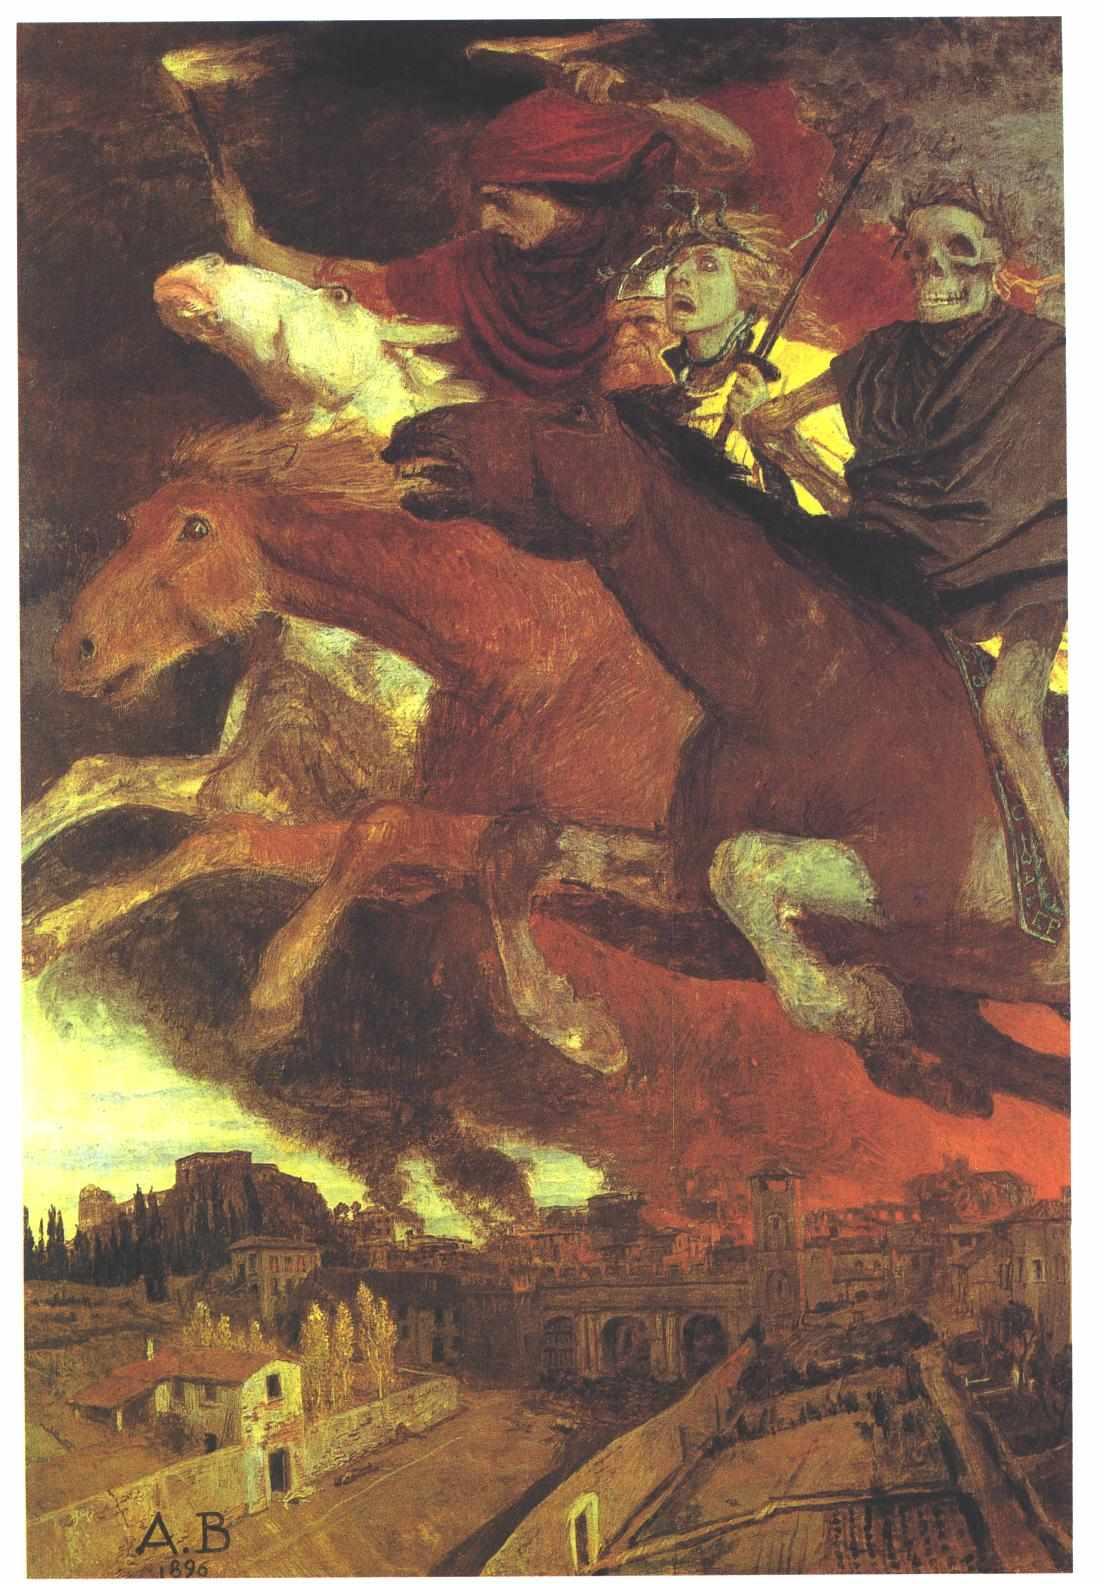 Arnold Böcklin Der Krieg.jpg